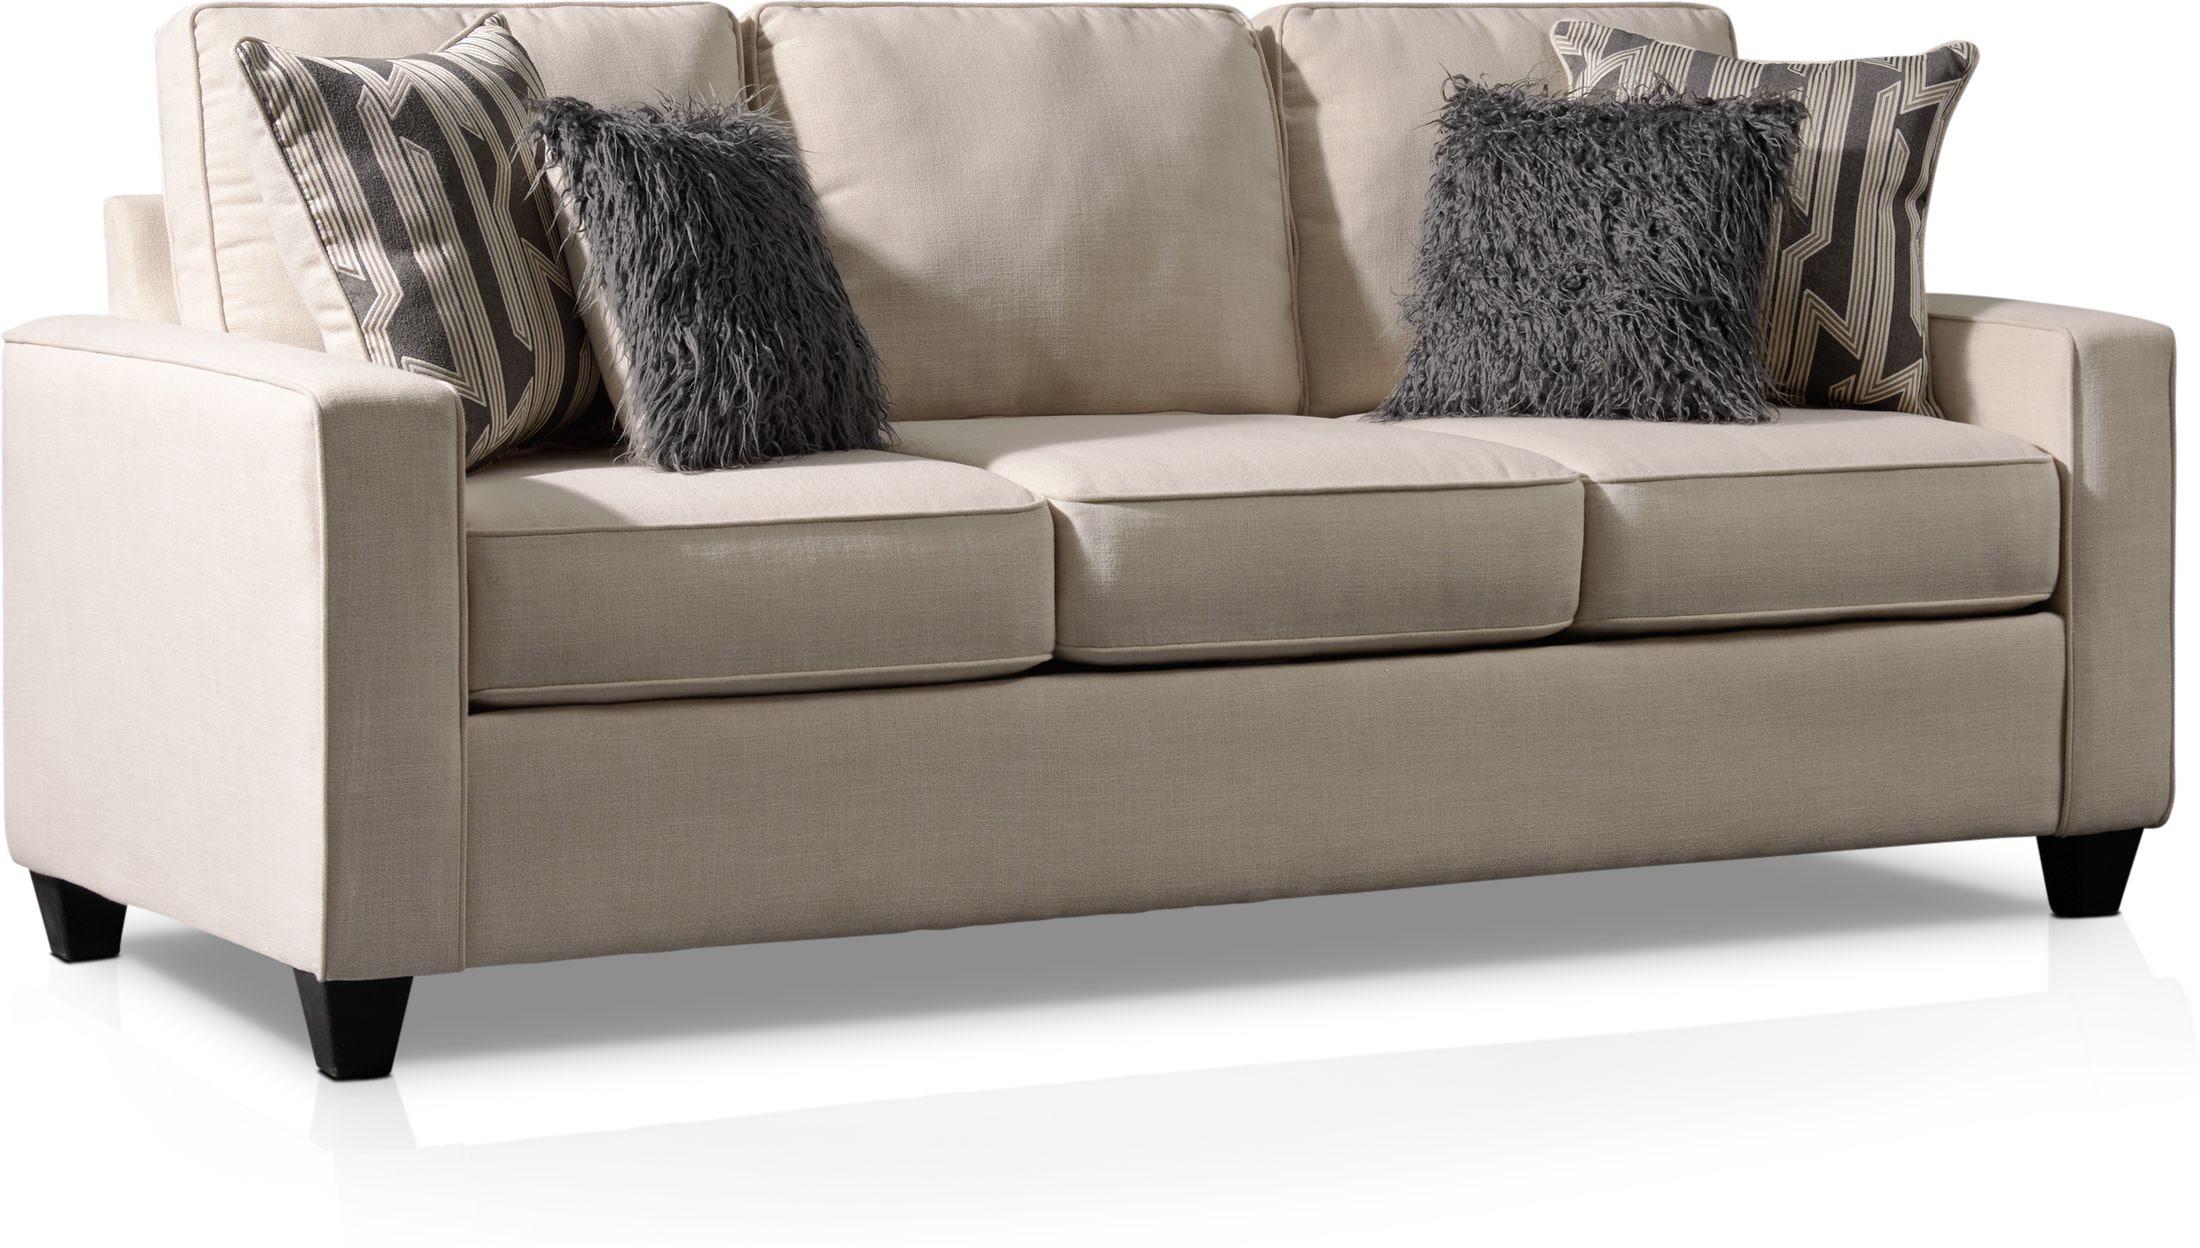 burton queen sleeper sofa value city